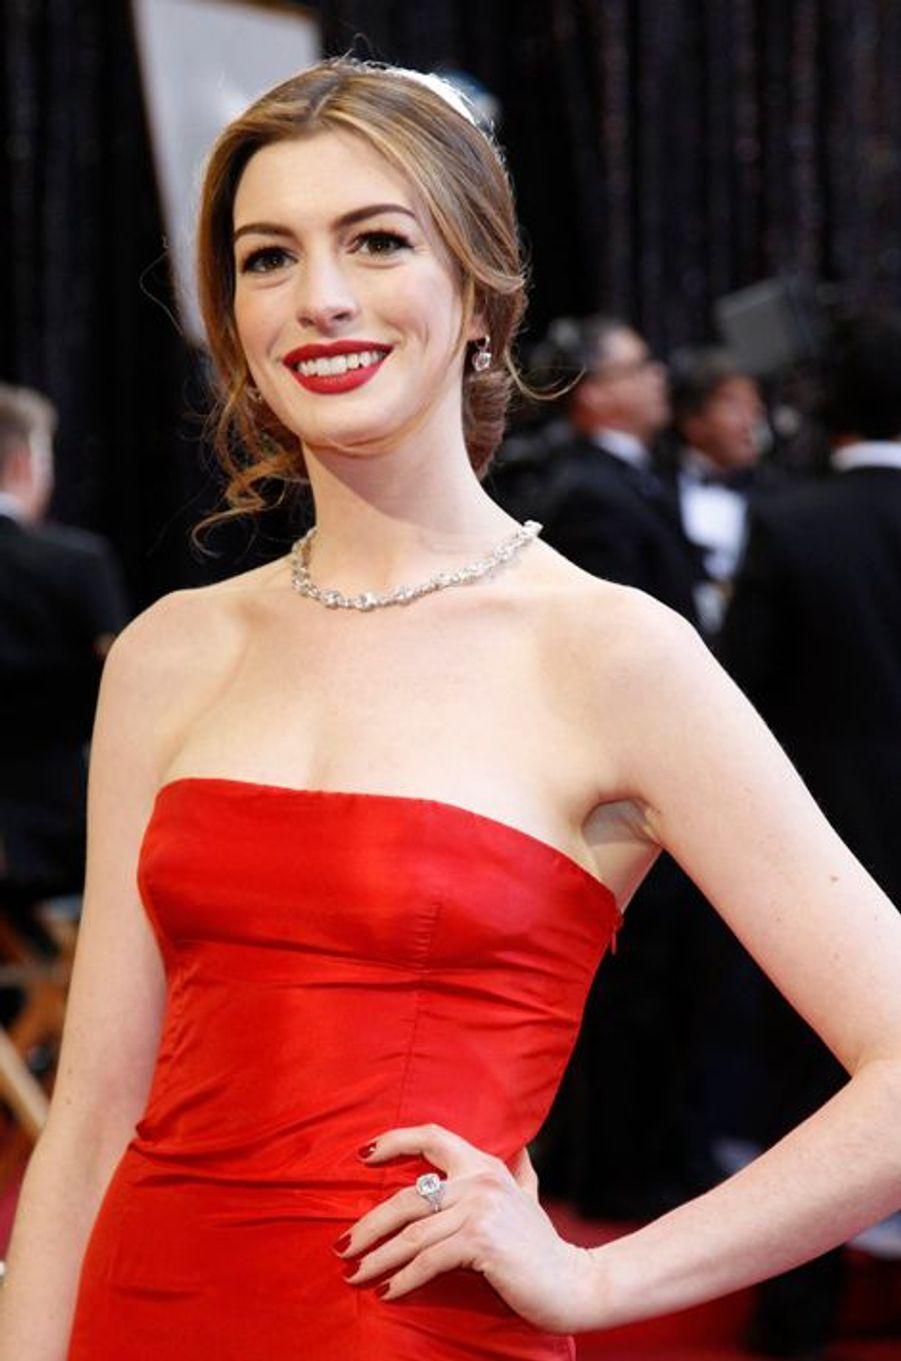 Anne Hathaway à la cérémonie des Oscars 2009.